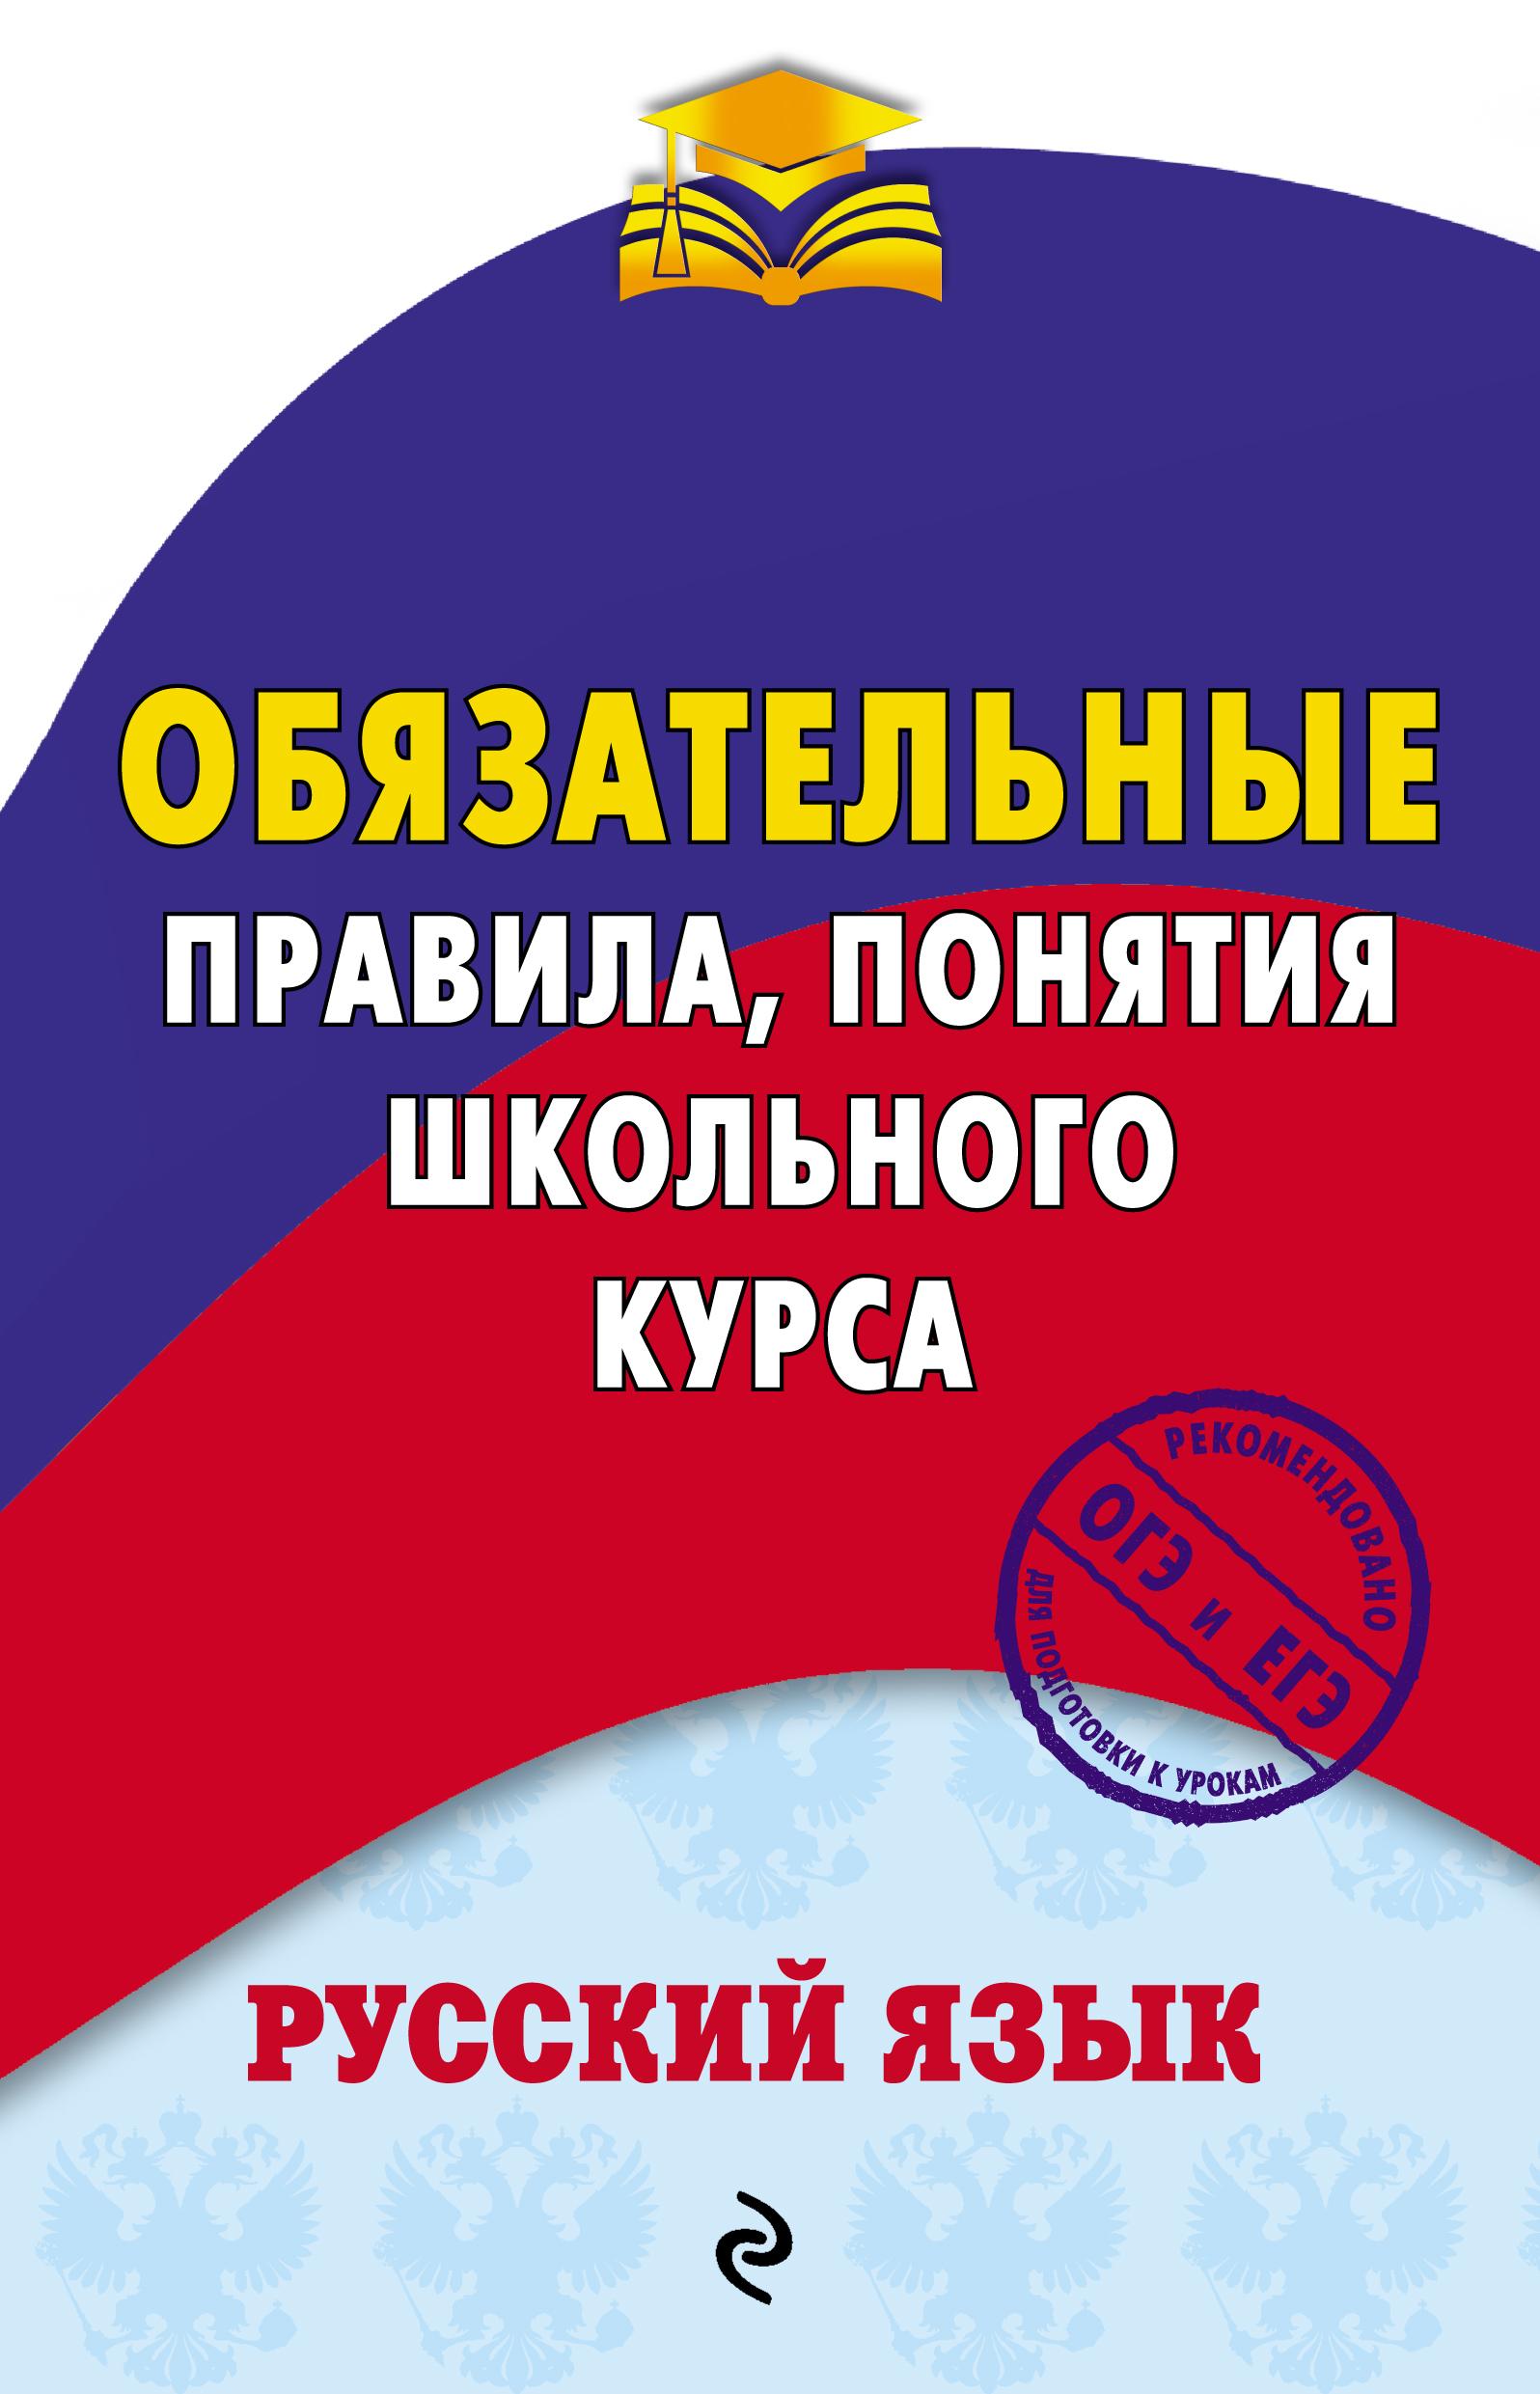 М. В. Ткачева Русский язык. Обязательные правила, понятия школьного курса